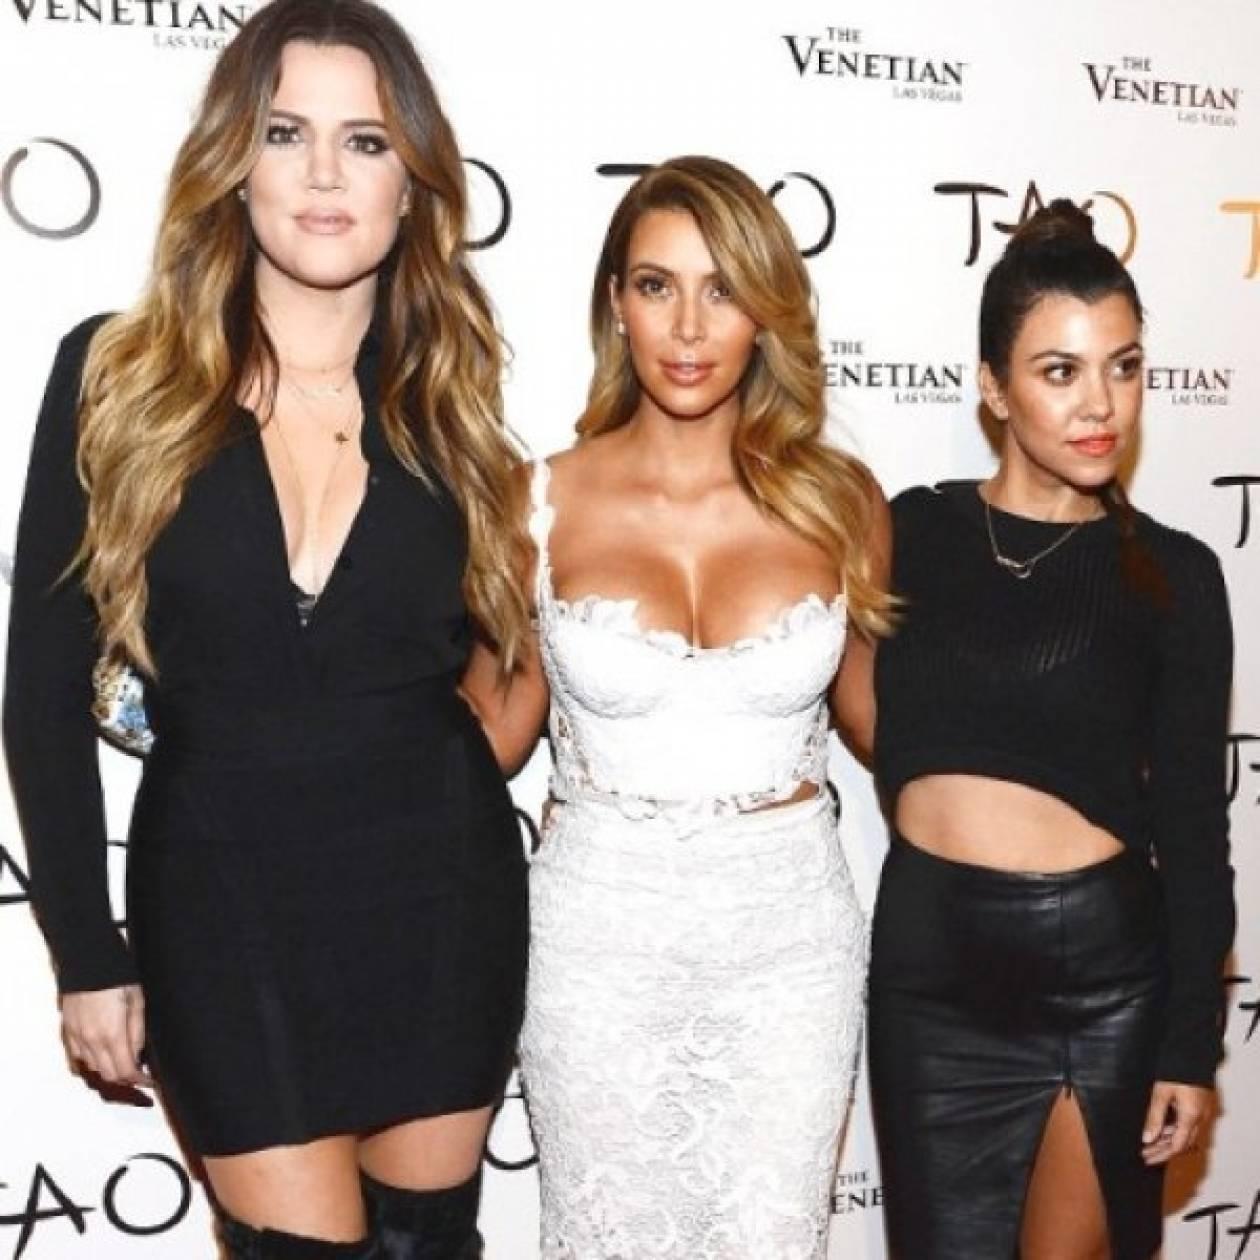 Οι αδερφές Kardashian θα μας τρελάνουν: Πότε πρόλαβαν να αδυνατίσουν;